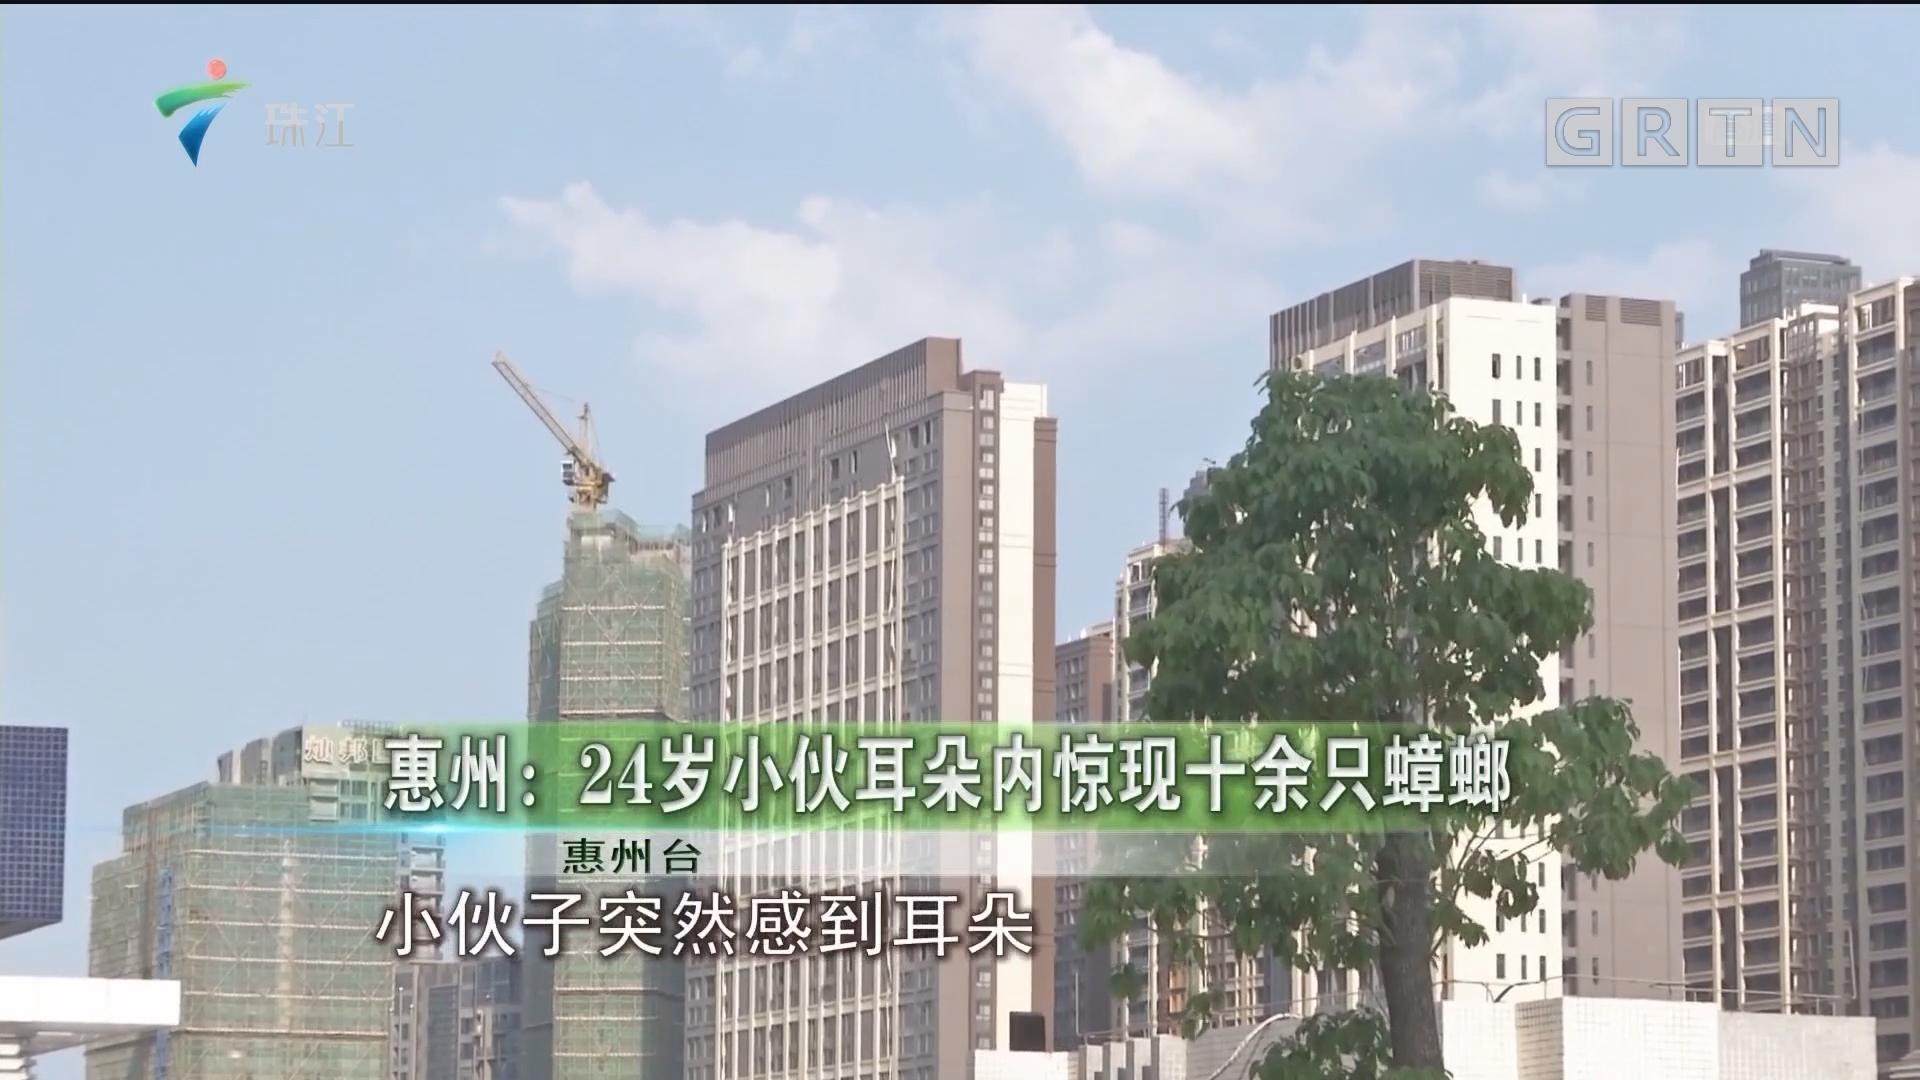 惠州:24岁小伙耳朵内惊现十余只蟑螂